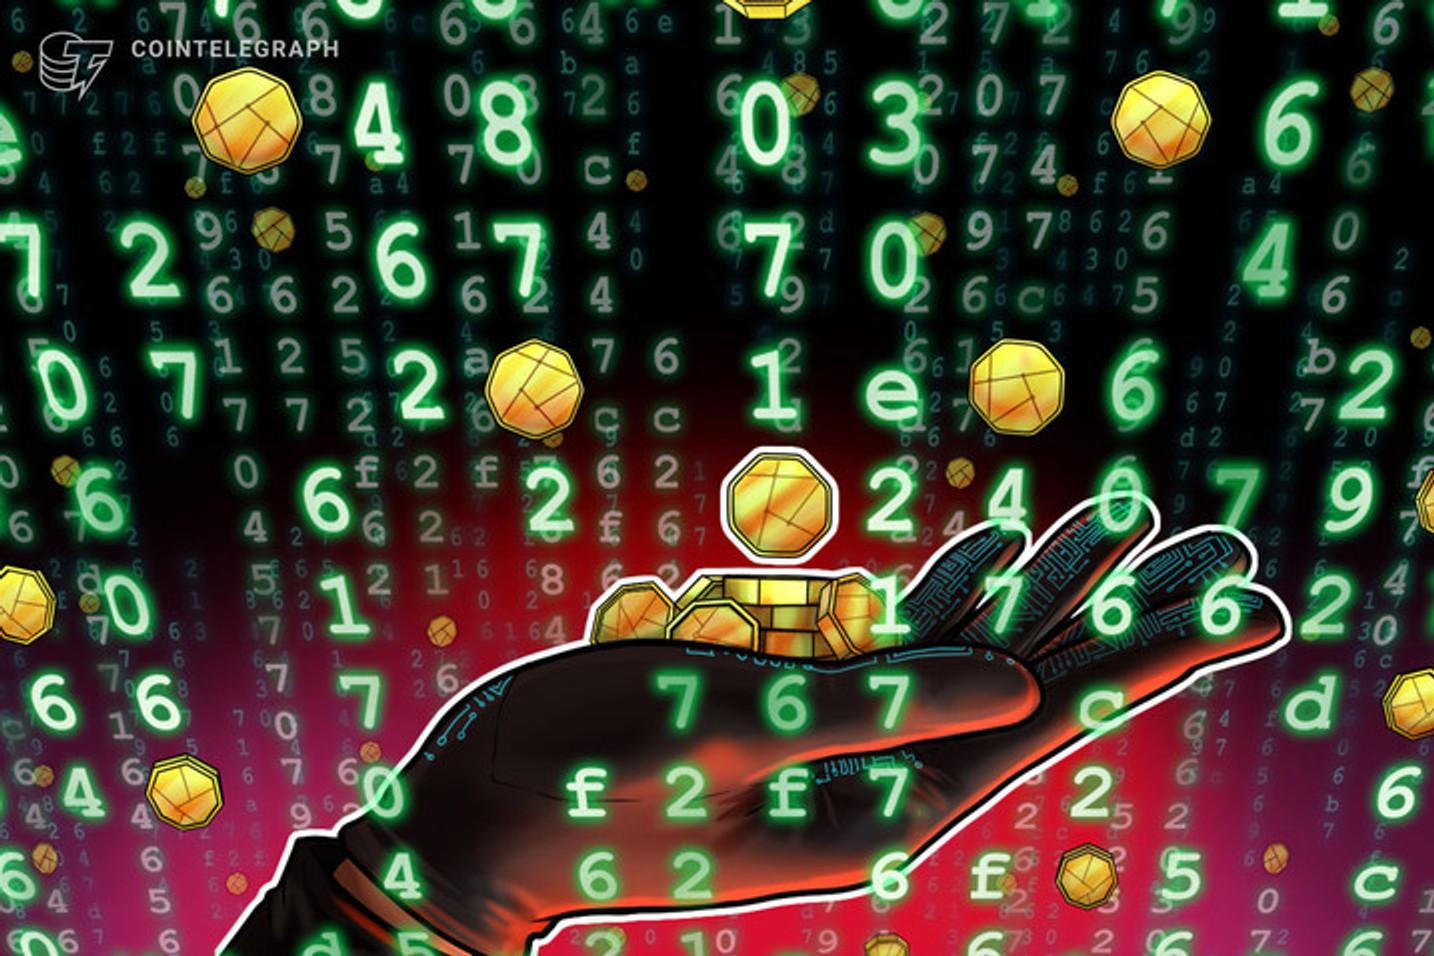 Depois de ataque de ransomware, EDP reforça sistemas de segurança e nega pagamento de resgate